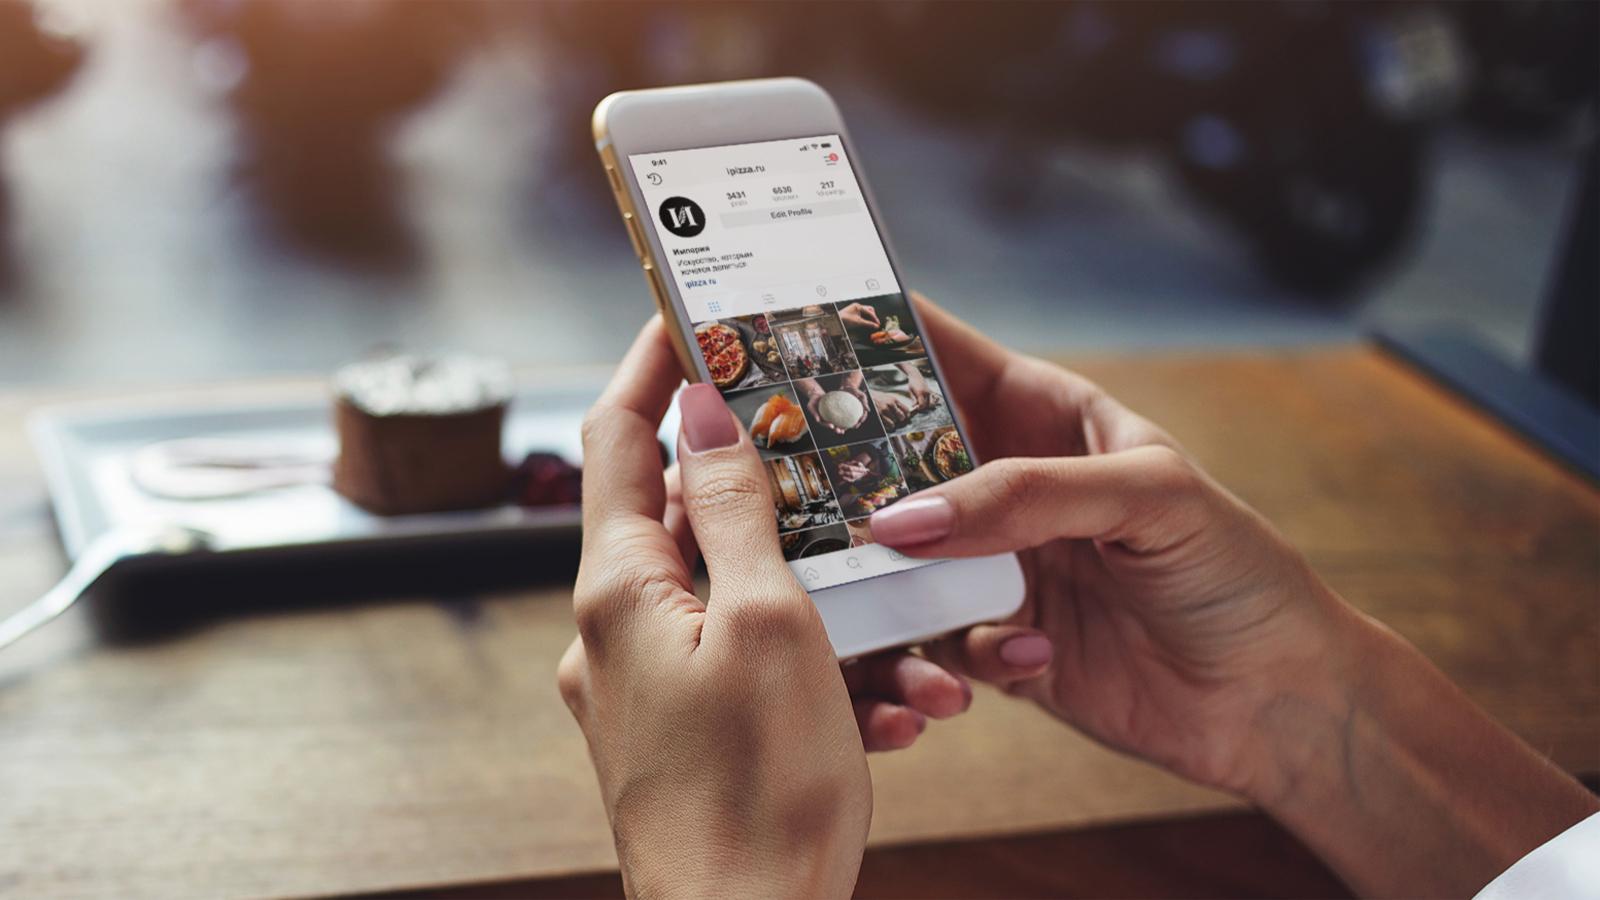 Дизайн этикетки «Империя» отличается высоким уровнем коммуникативности и вовлекает потребителя в диалог с брендом.